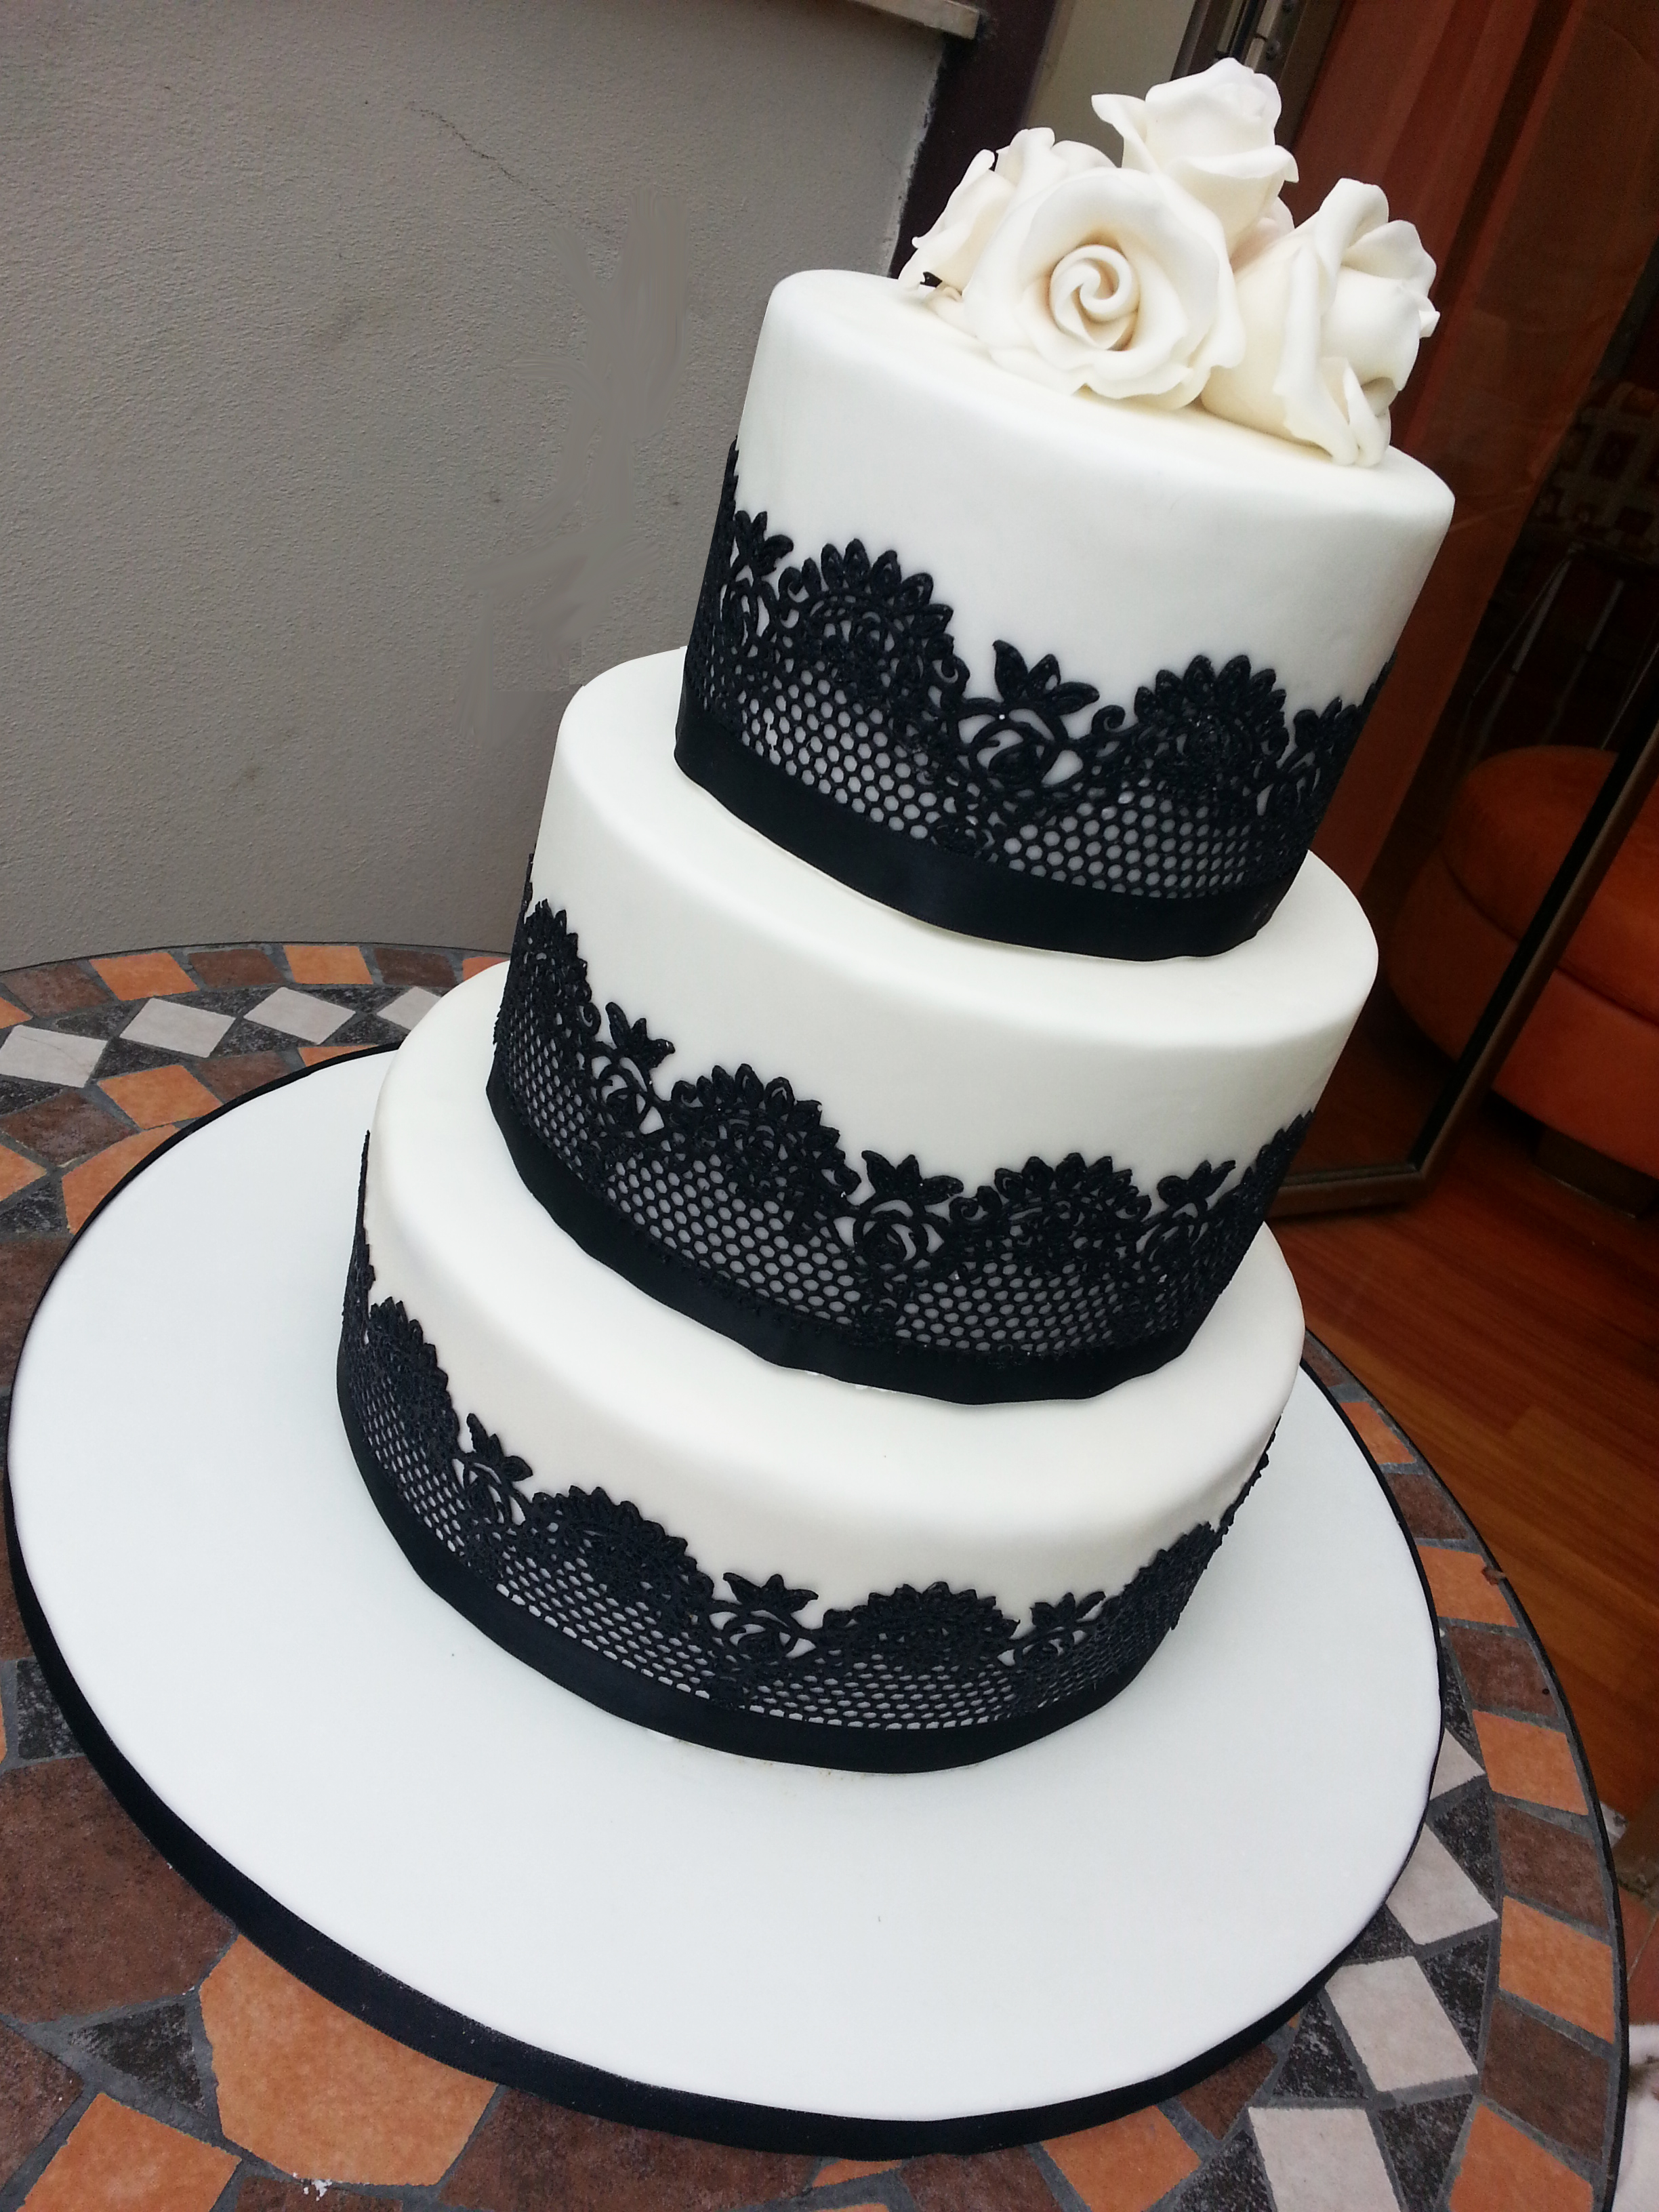 Top Torte decorate - Pagina 3 di 4 - Cuginette sul gâteau EZ76